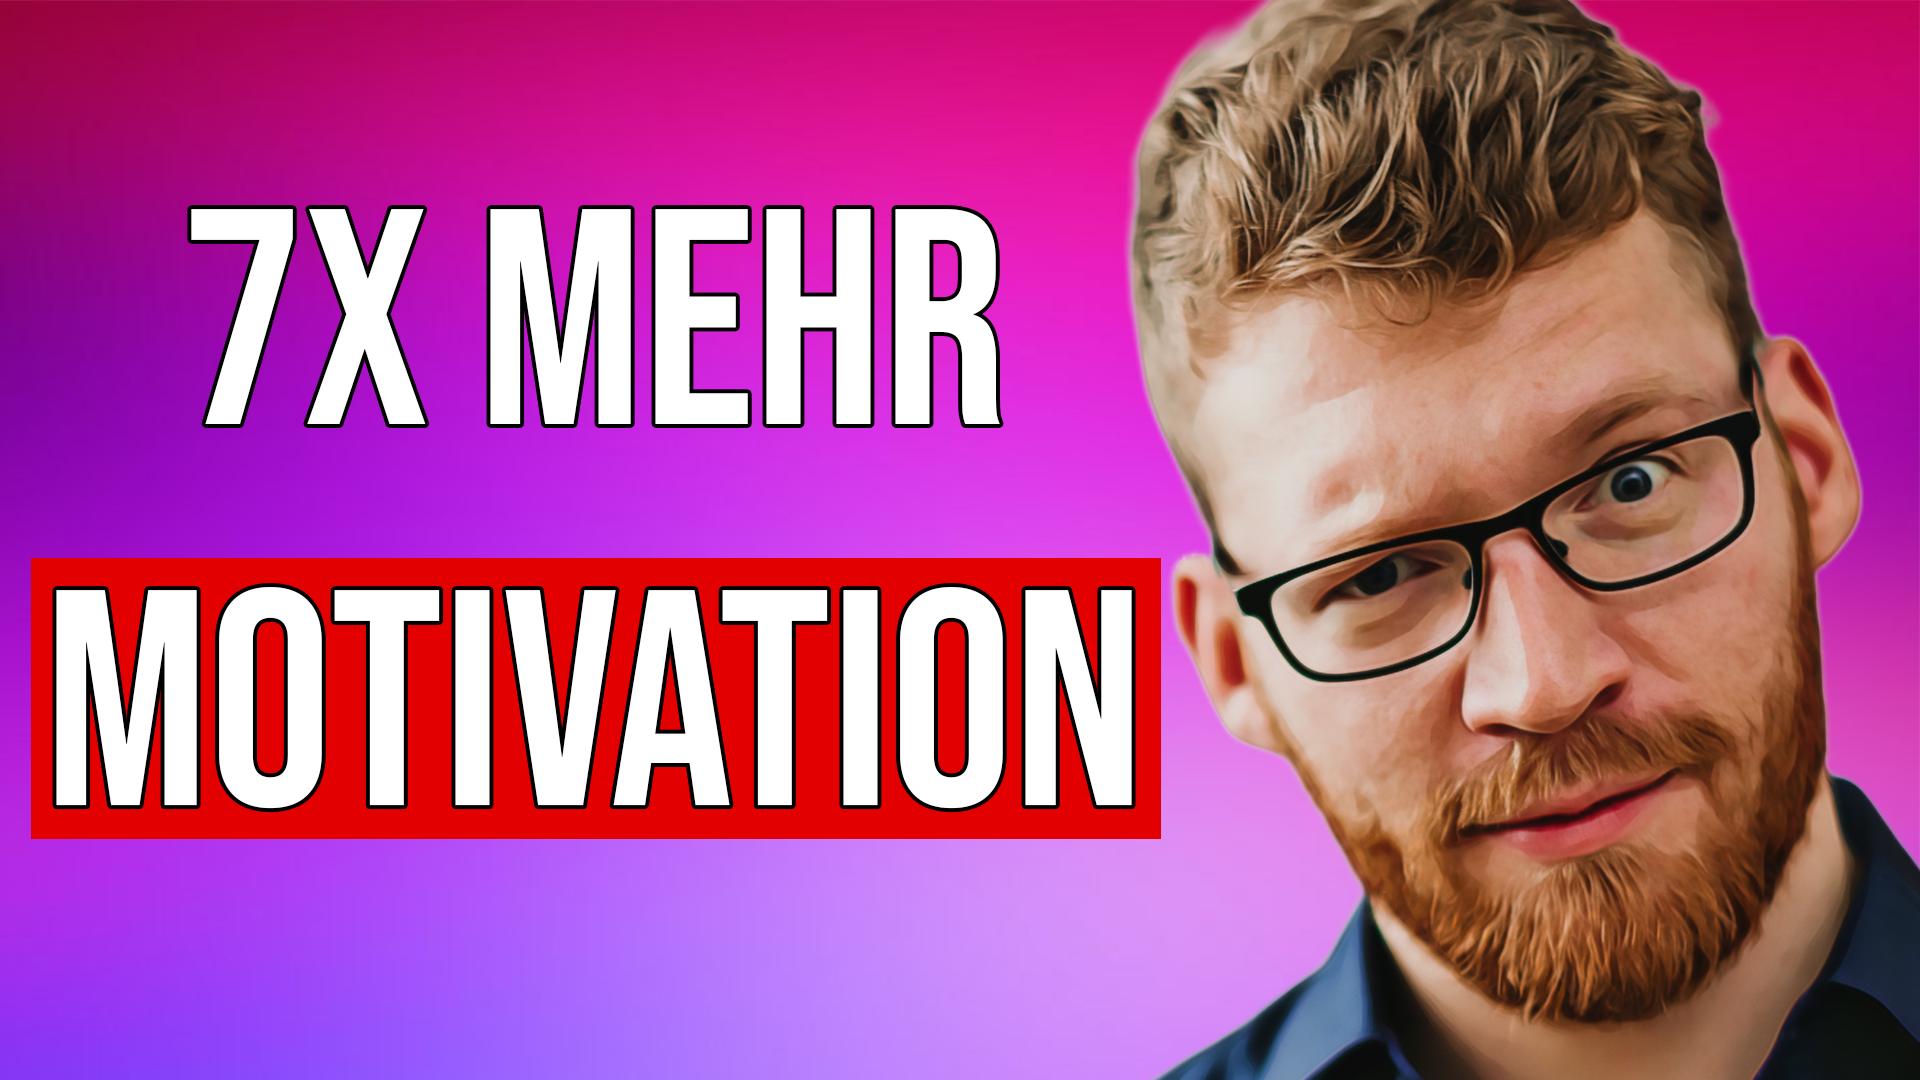 Selbstmotivation: So bist du nie mehr unmotiviert und antriebslos